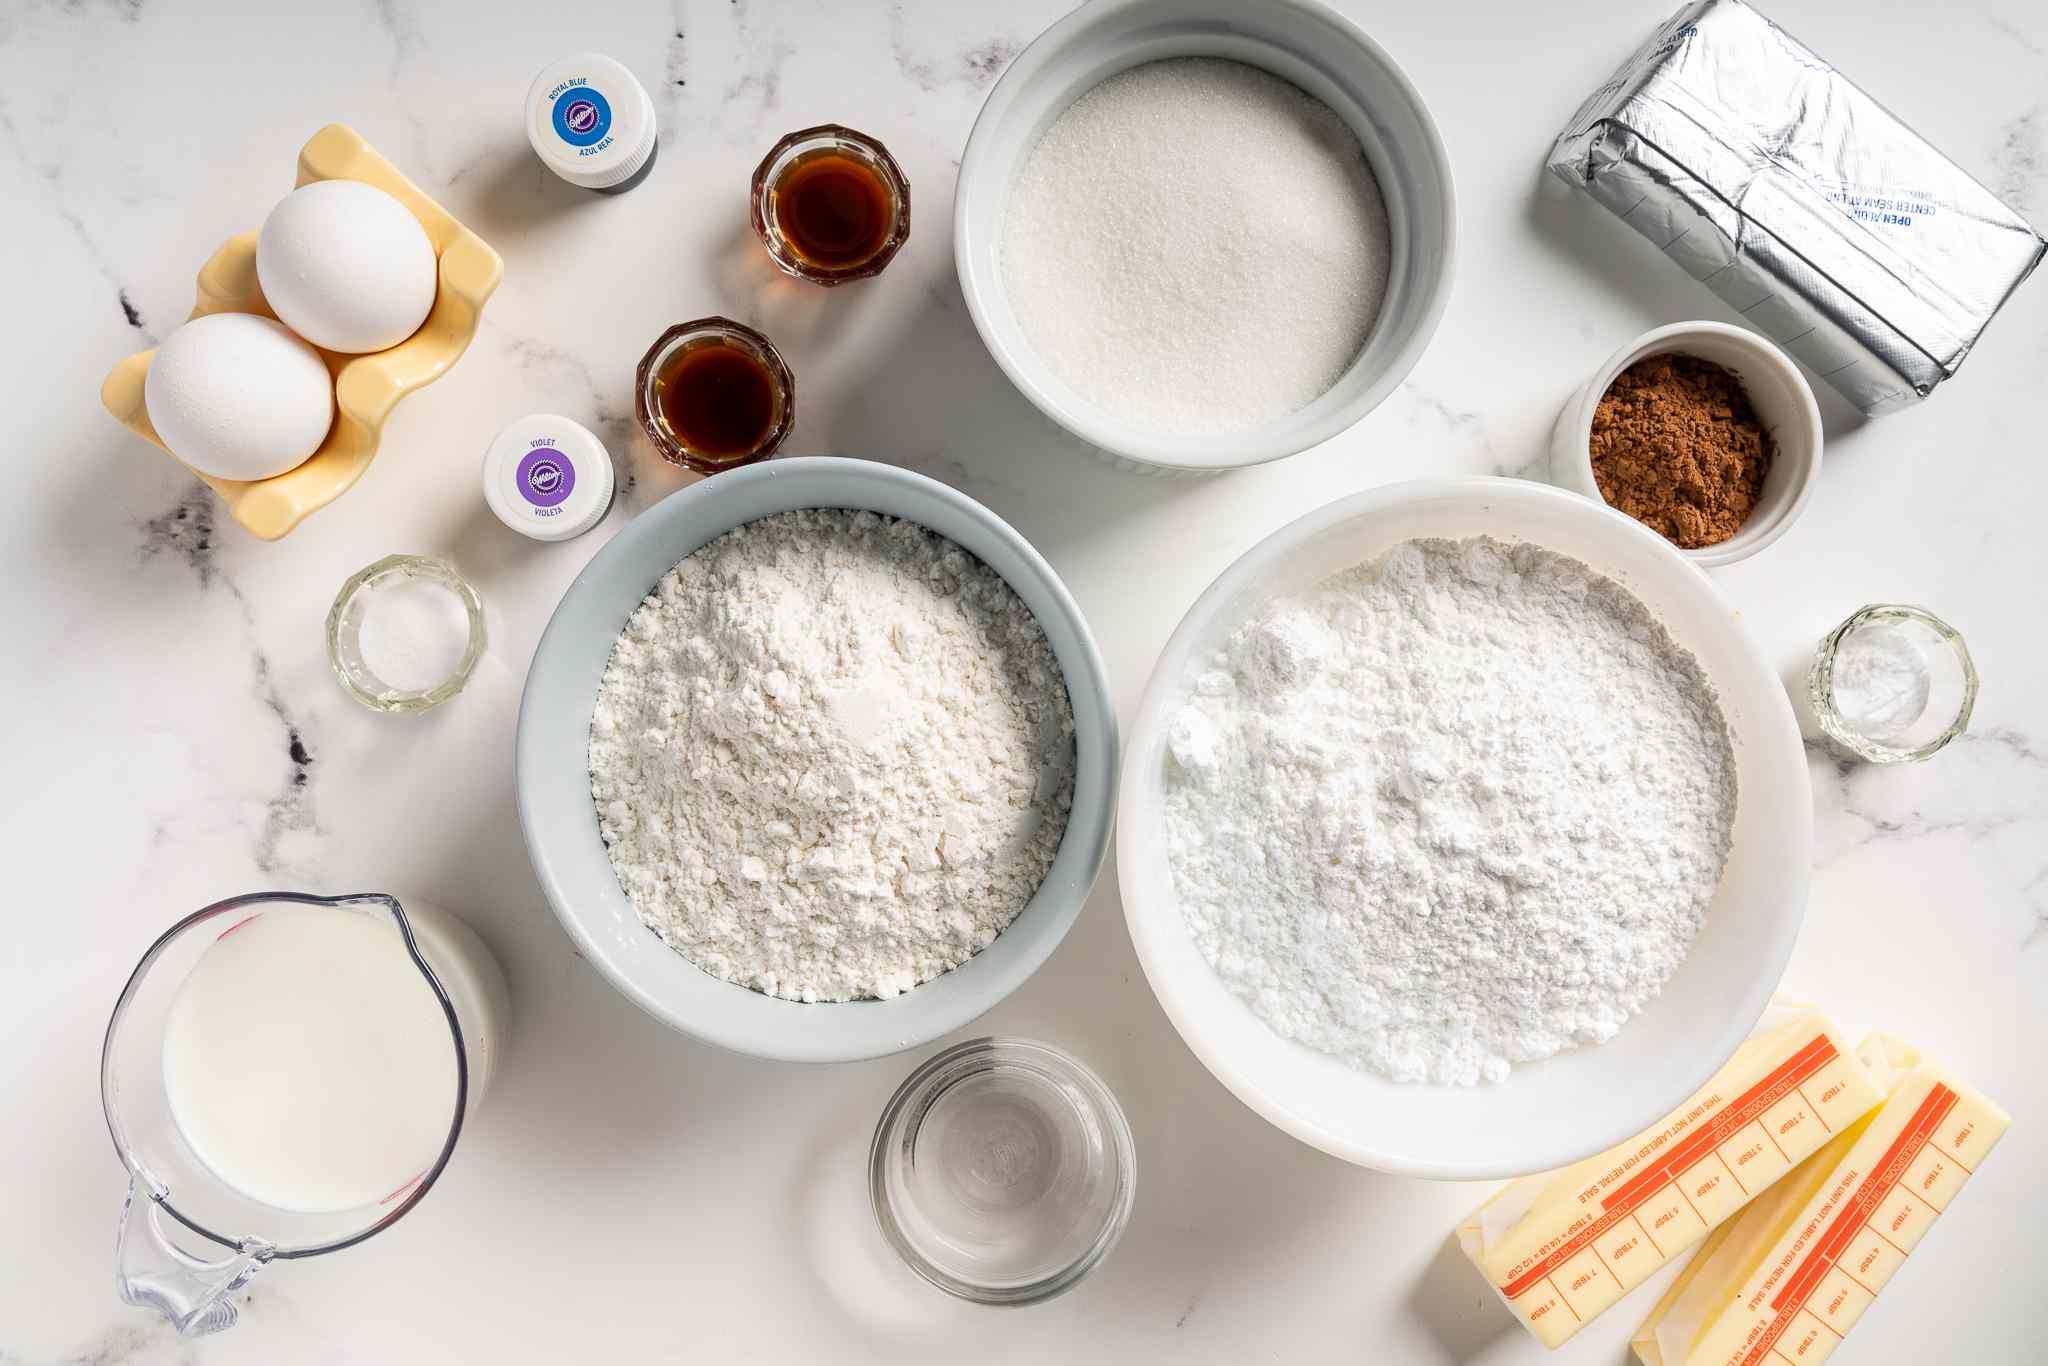 Blue Velvet Cake ingredients